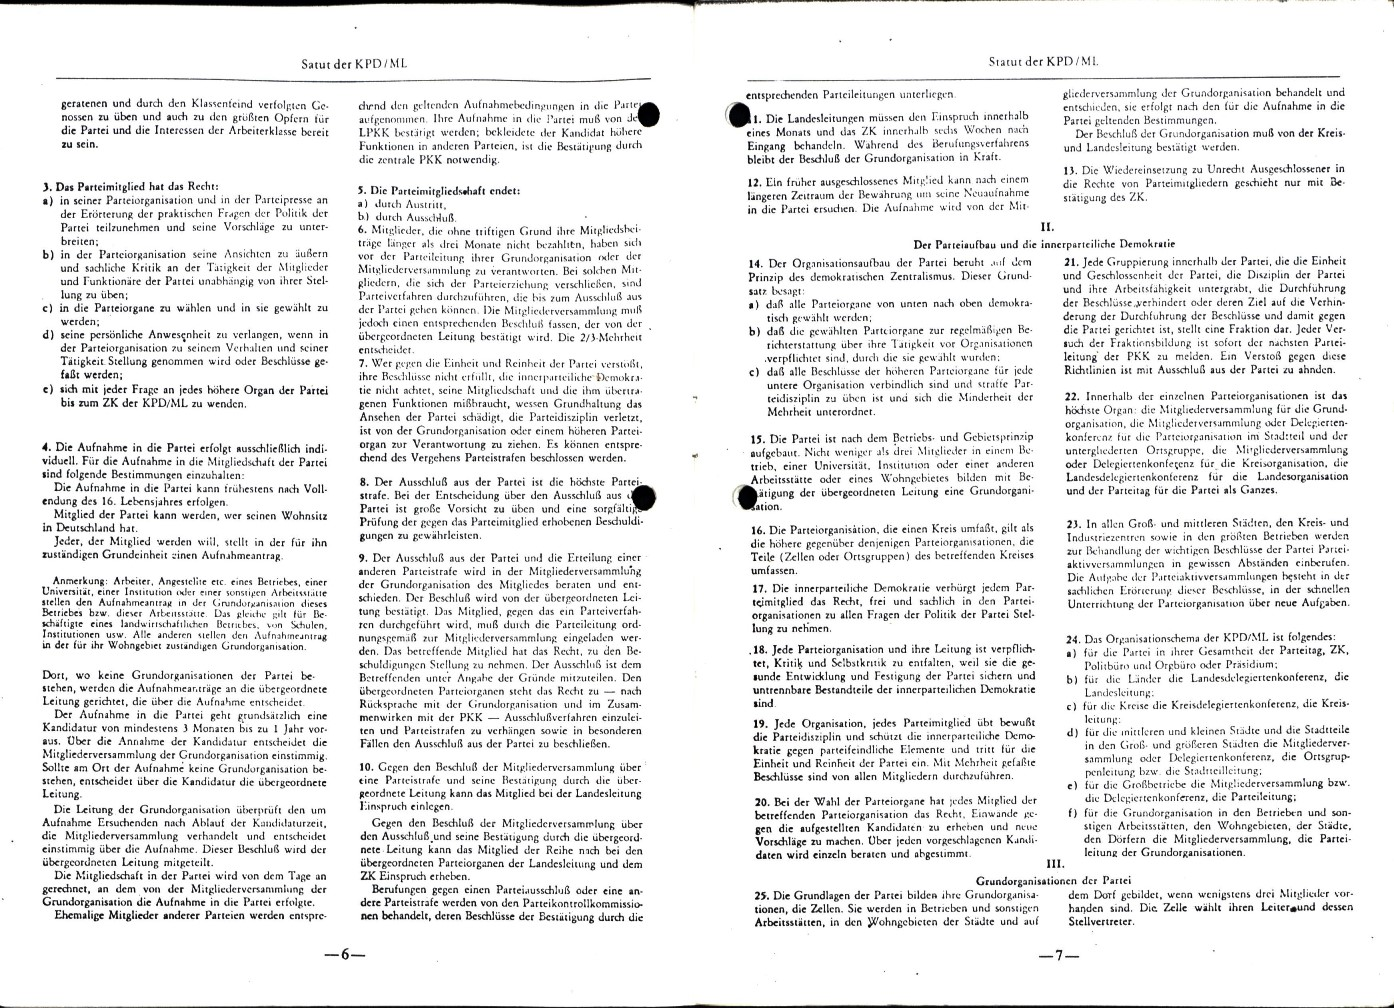 KPDML_1976_Dokumente_zur_Gruendung_05